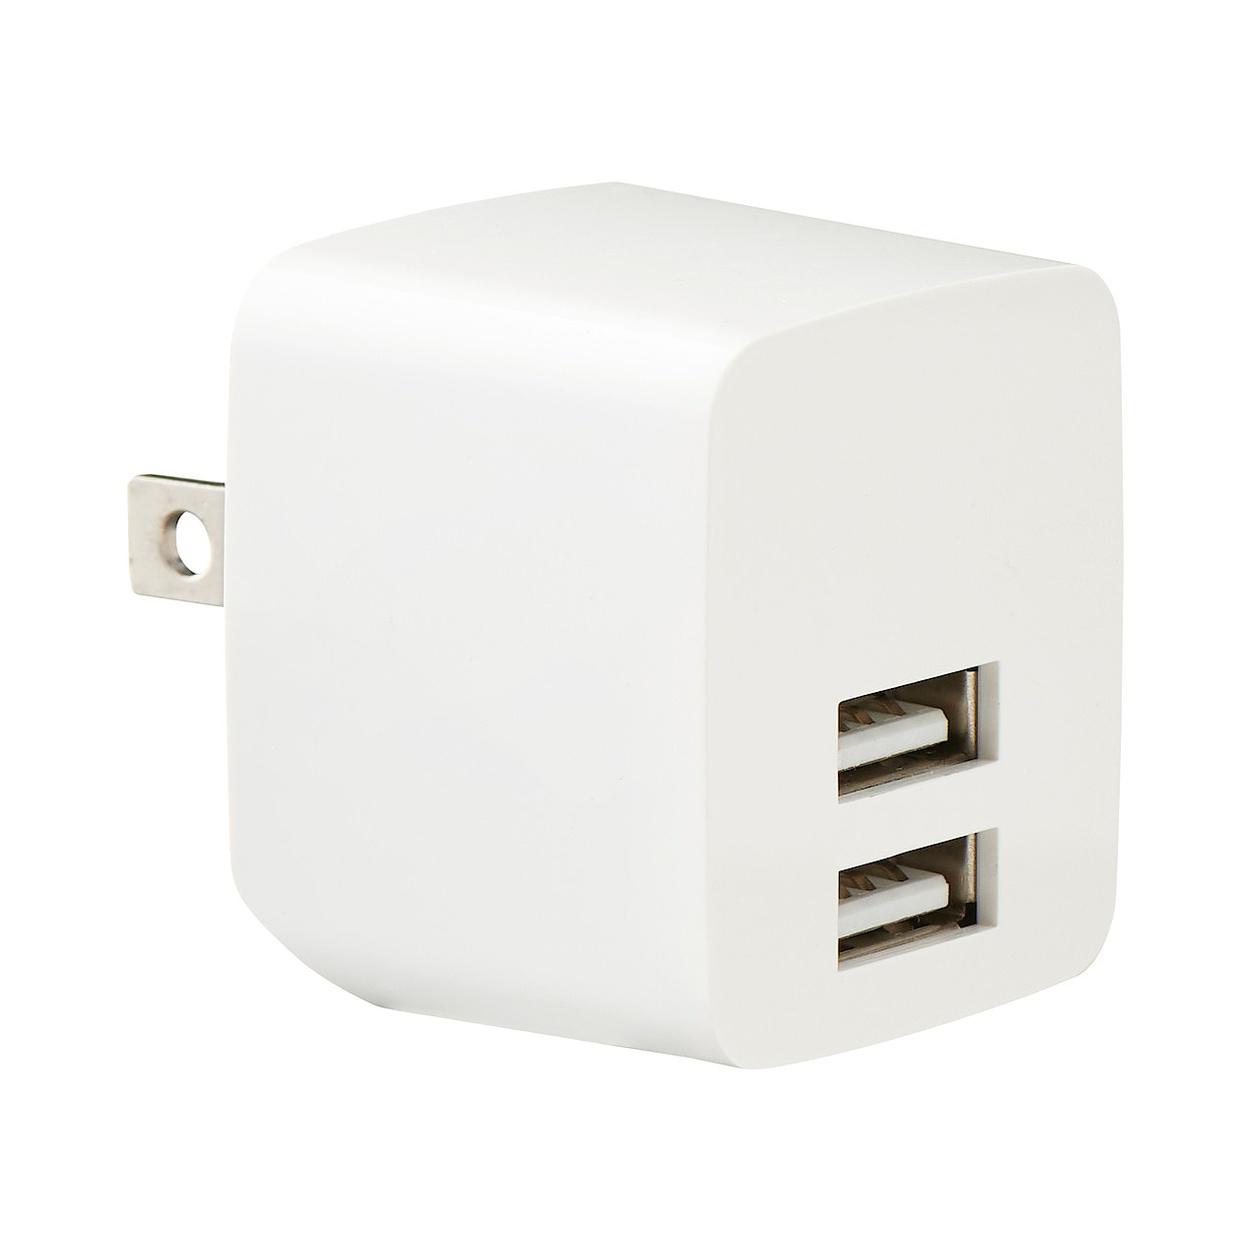 無印良品(MUJI) USB用プラグがしまえる急速充電器